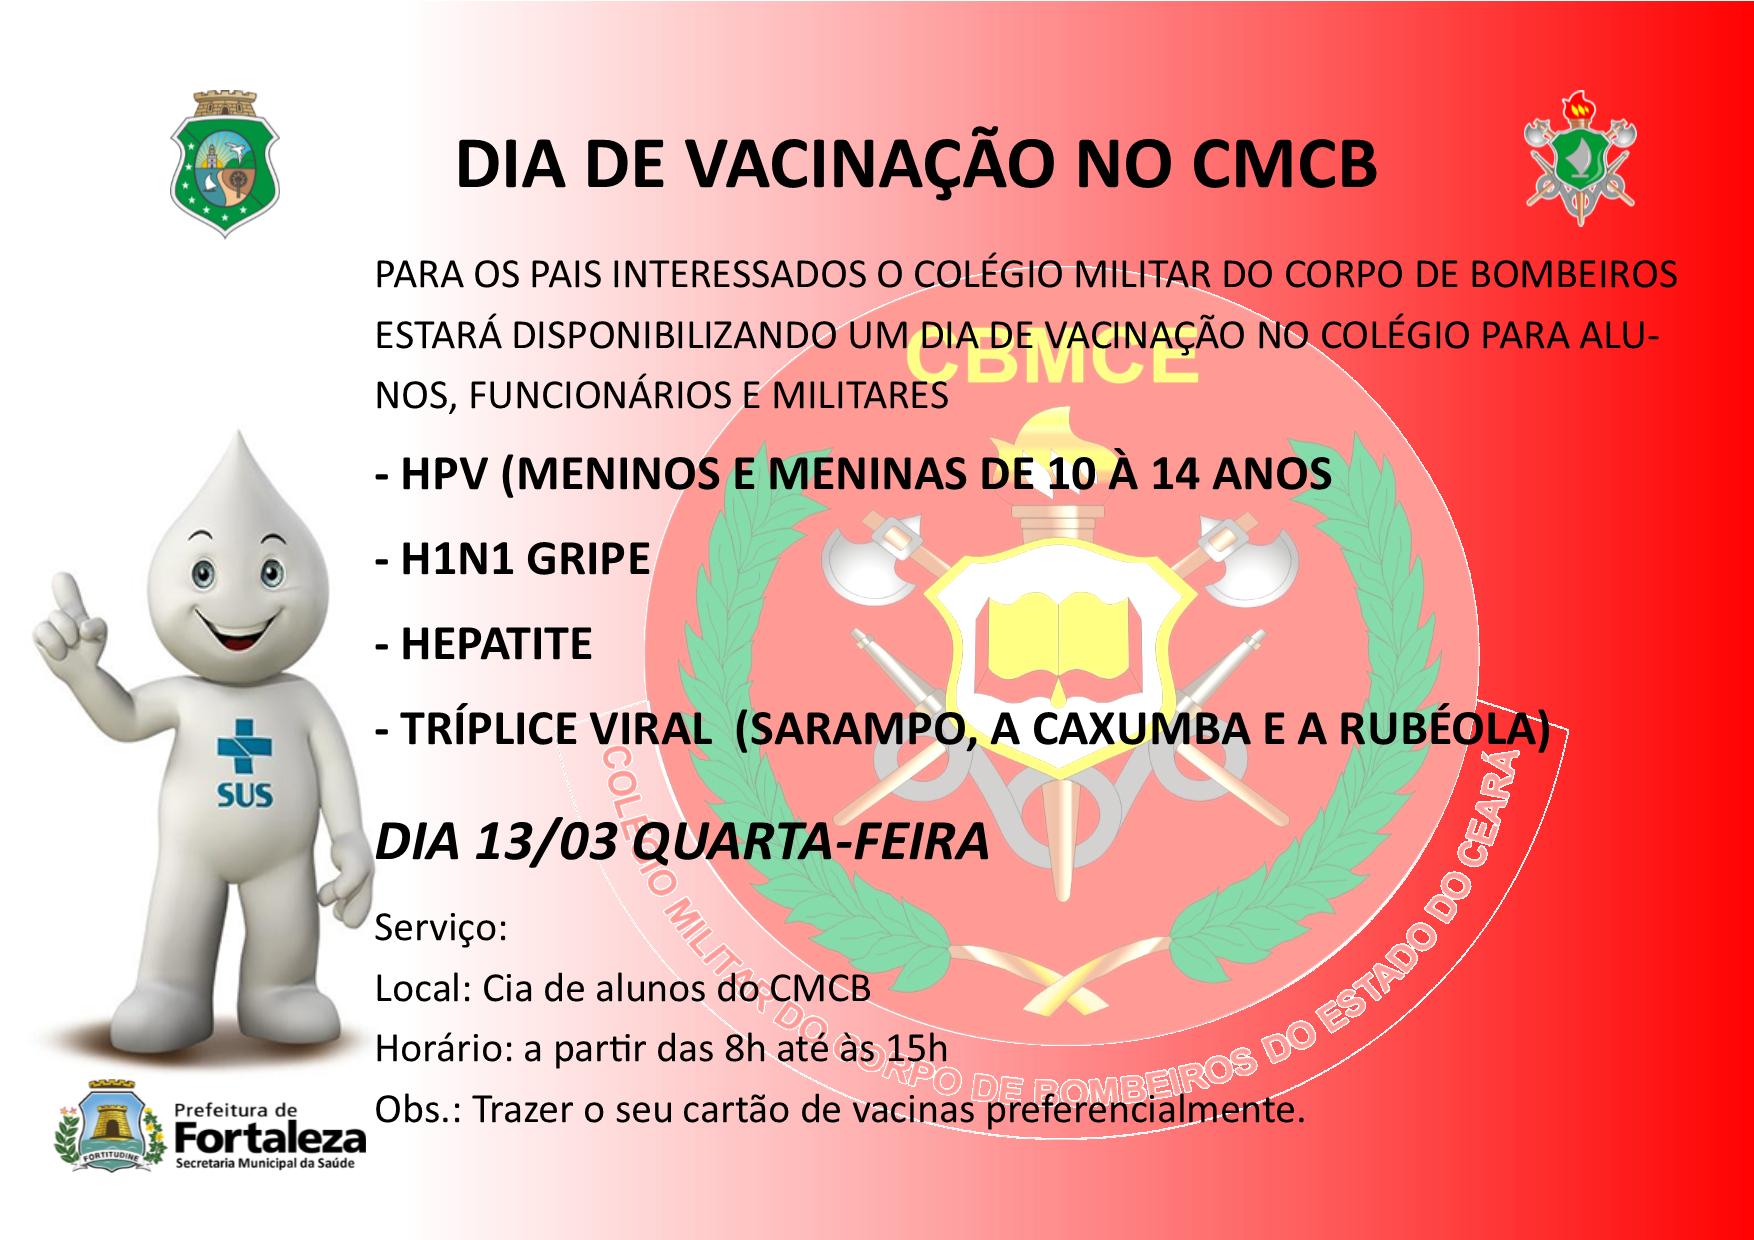 Dia de Vacinação do CMCB